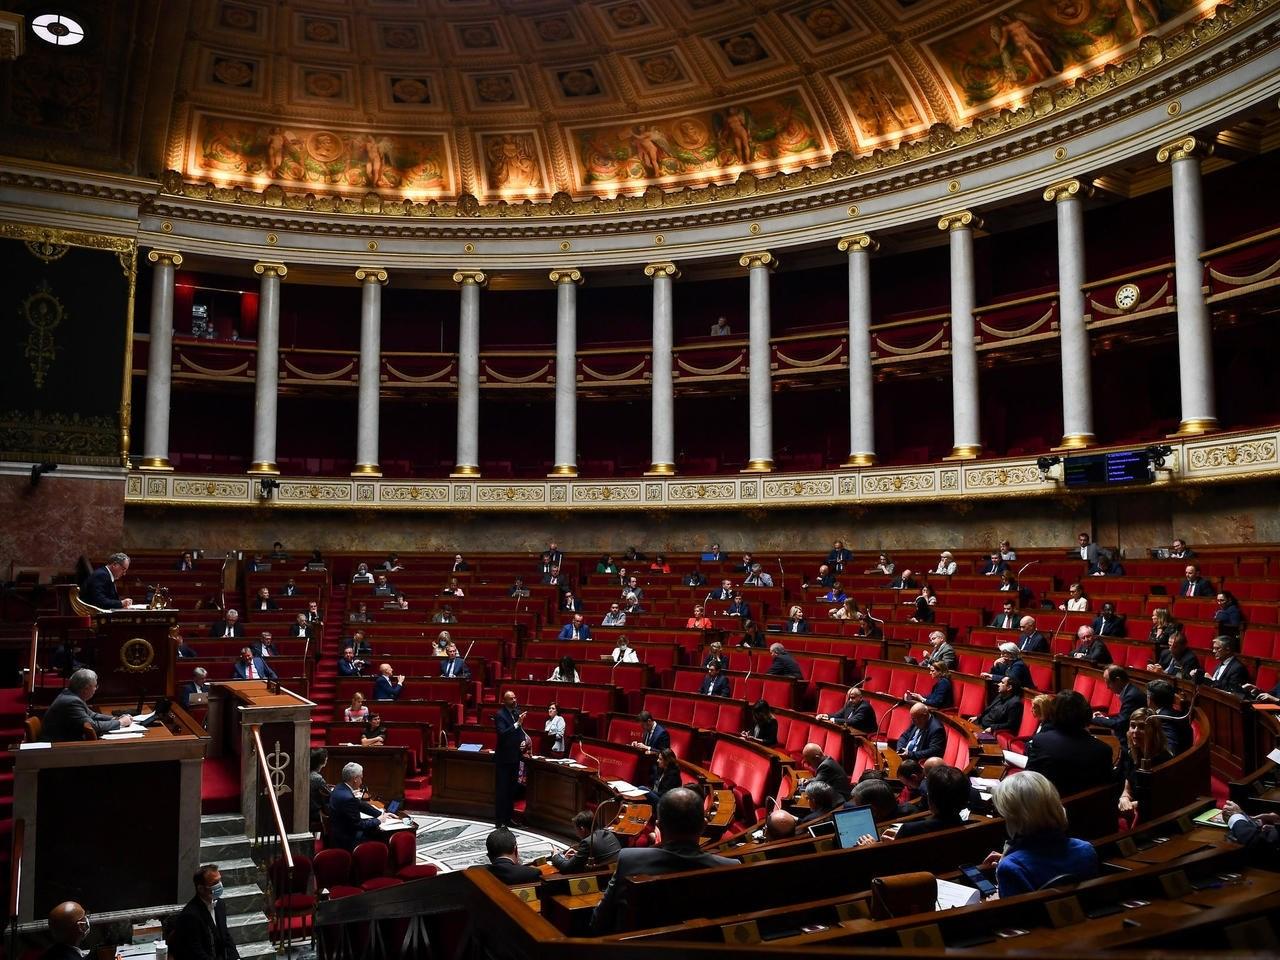 القائمة البرلمانية الفرنسية: اتفاقيات التطبيع تتهرب من القضية الفلسطينية وتعرقل أي احتمال لسلام شامل